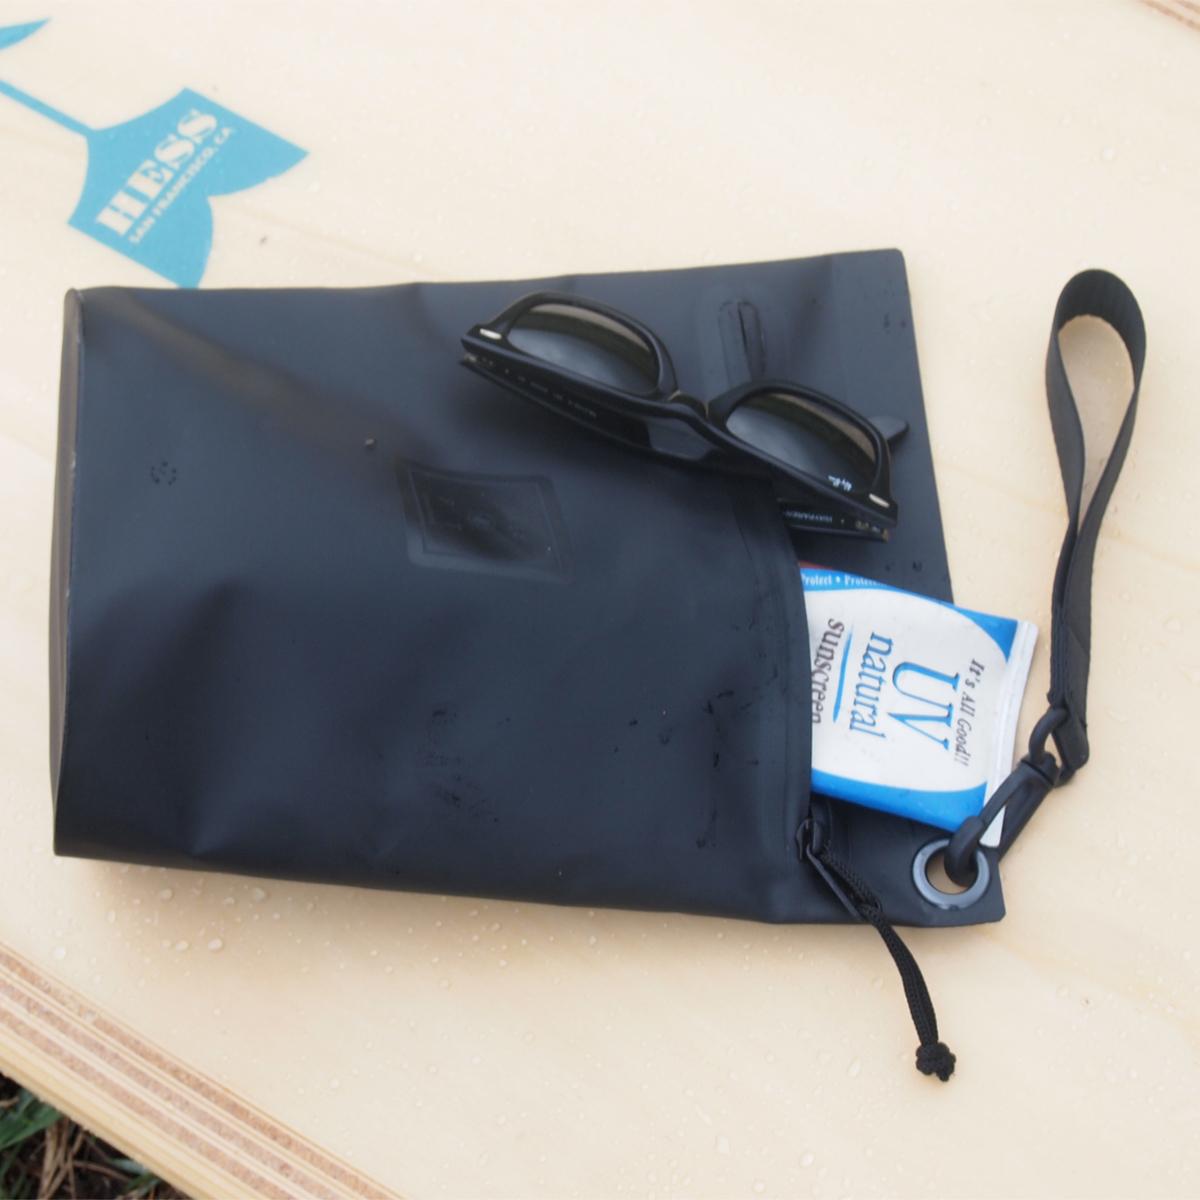 西海岸生まれの「都会派バッグ」|《Lサイズ・ポーチ》ウェットスーツの発明者が作った、防水・デザイン両立の「都会派バッグ」| BODY GLOVE